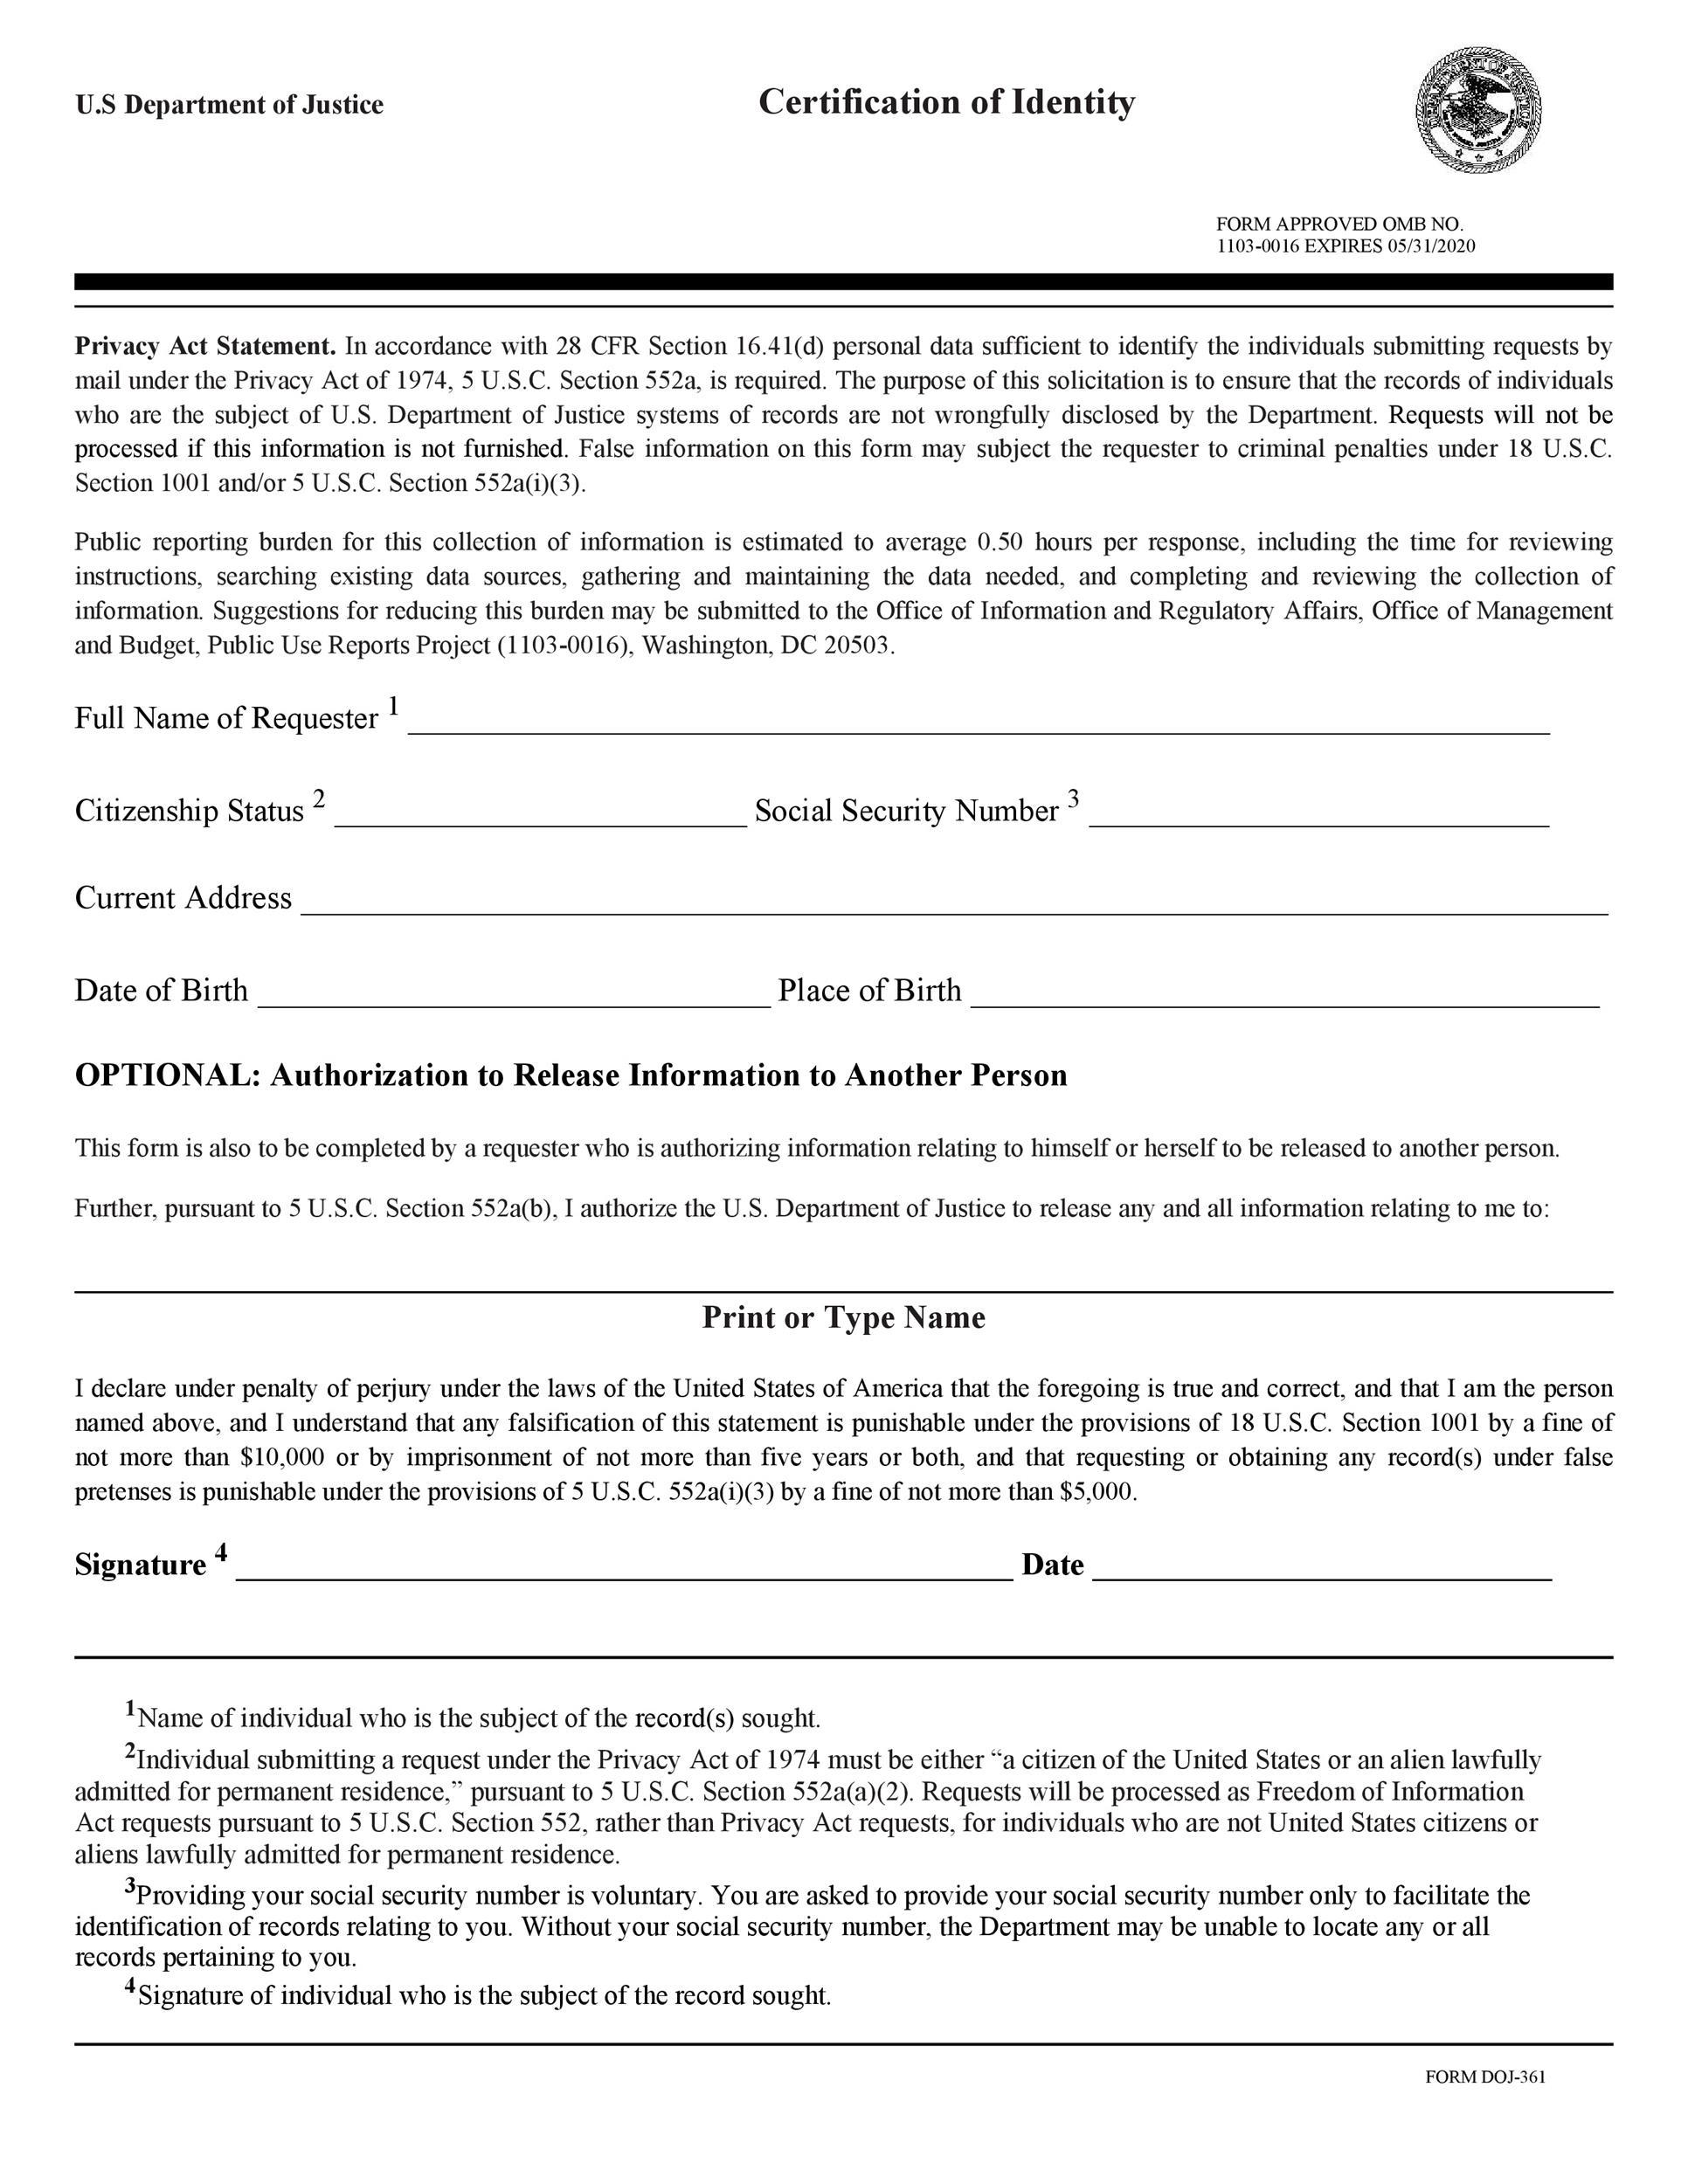 Free affidavit of identity 24